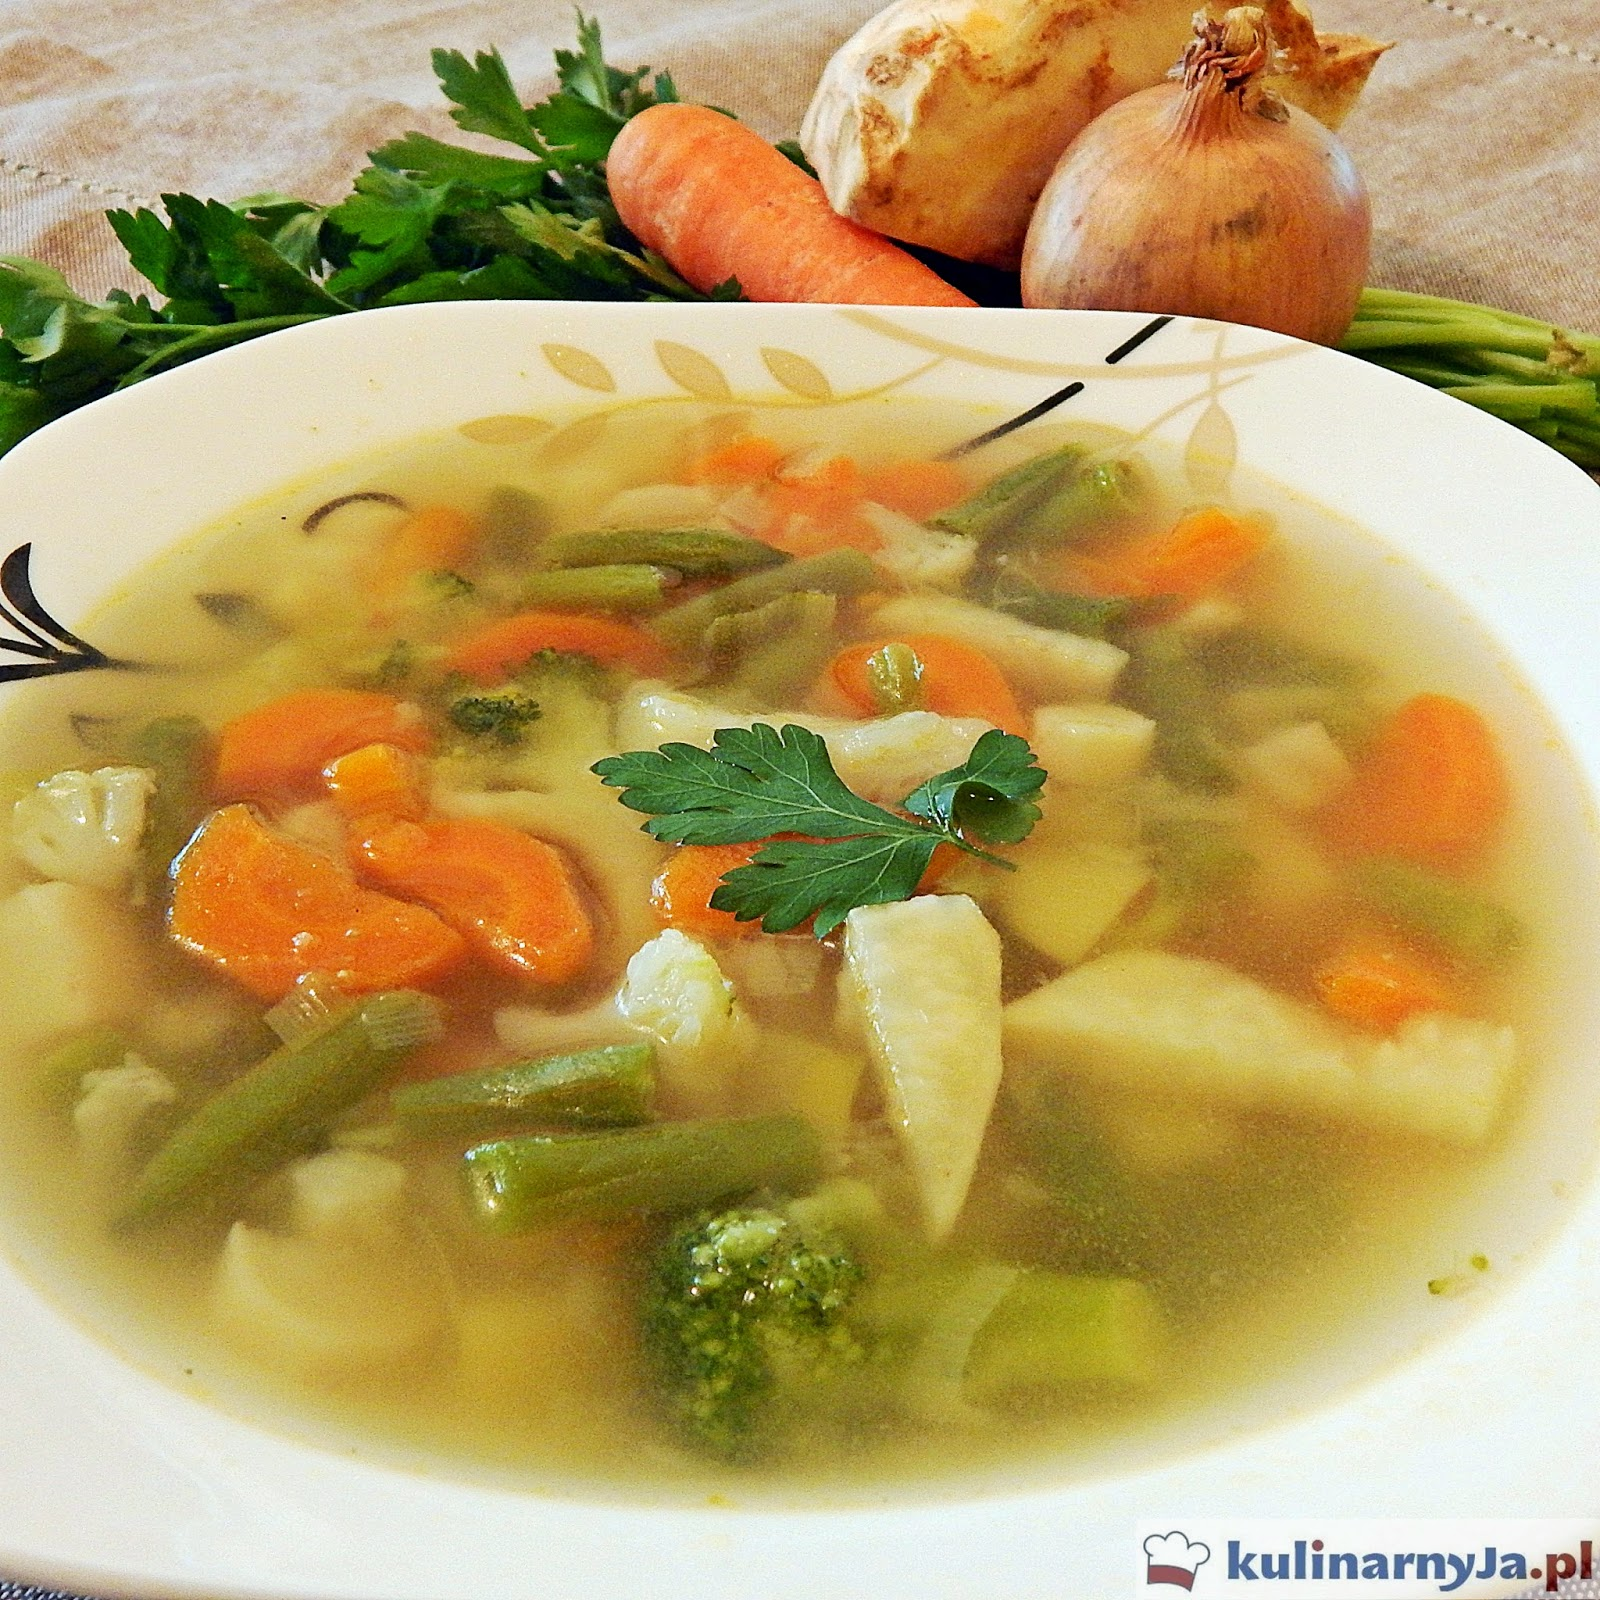 Zupa jarzynowa z brokułami, kalafiorem, fasolką szparagową i marchewką